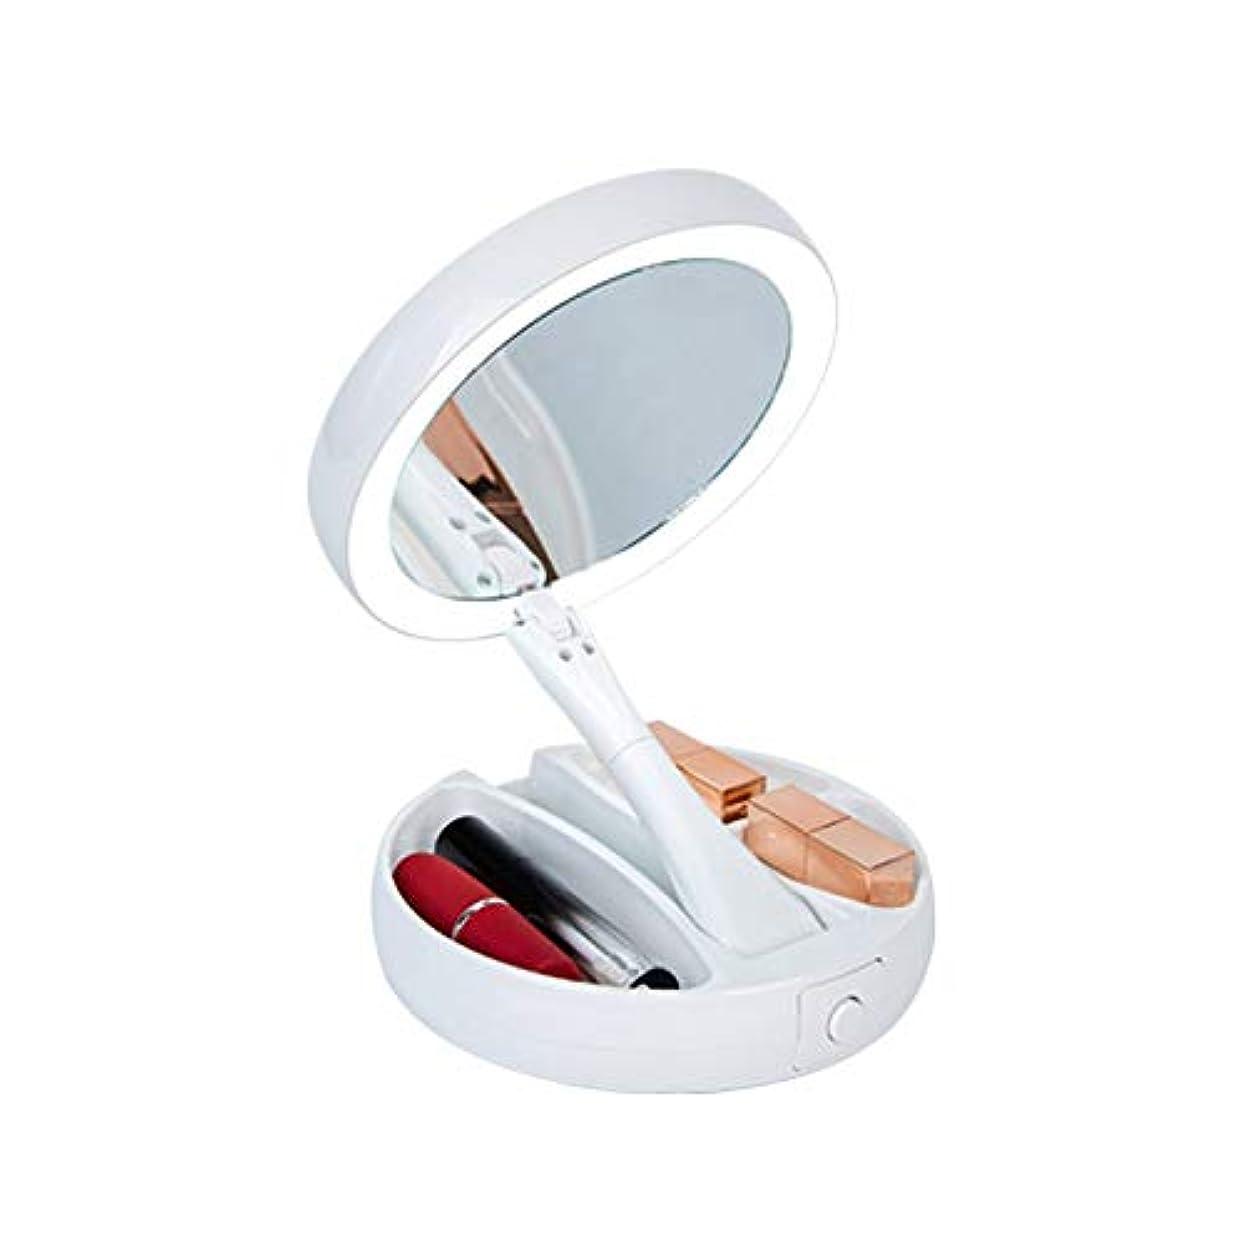 パラナ川びん上化粧鏡 等倍鏡 LED卓上化粧鏡 1X10倍拡大鏡+ メイクミラー 両面型 360度回転式 USBか電池を使って